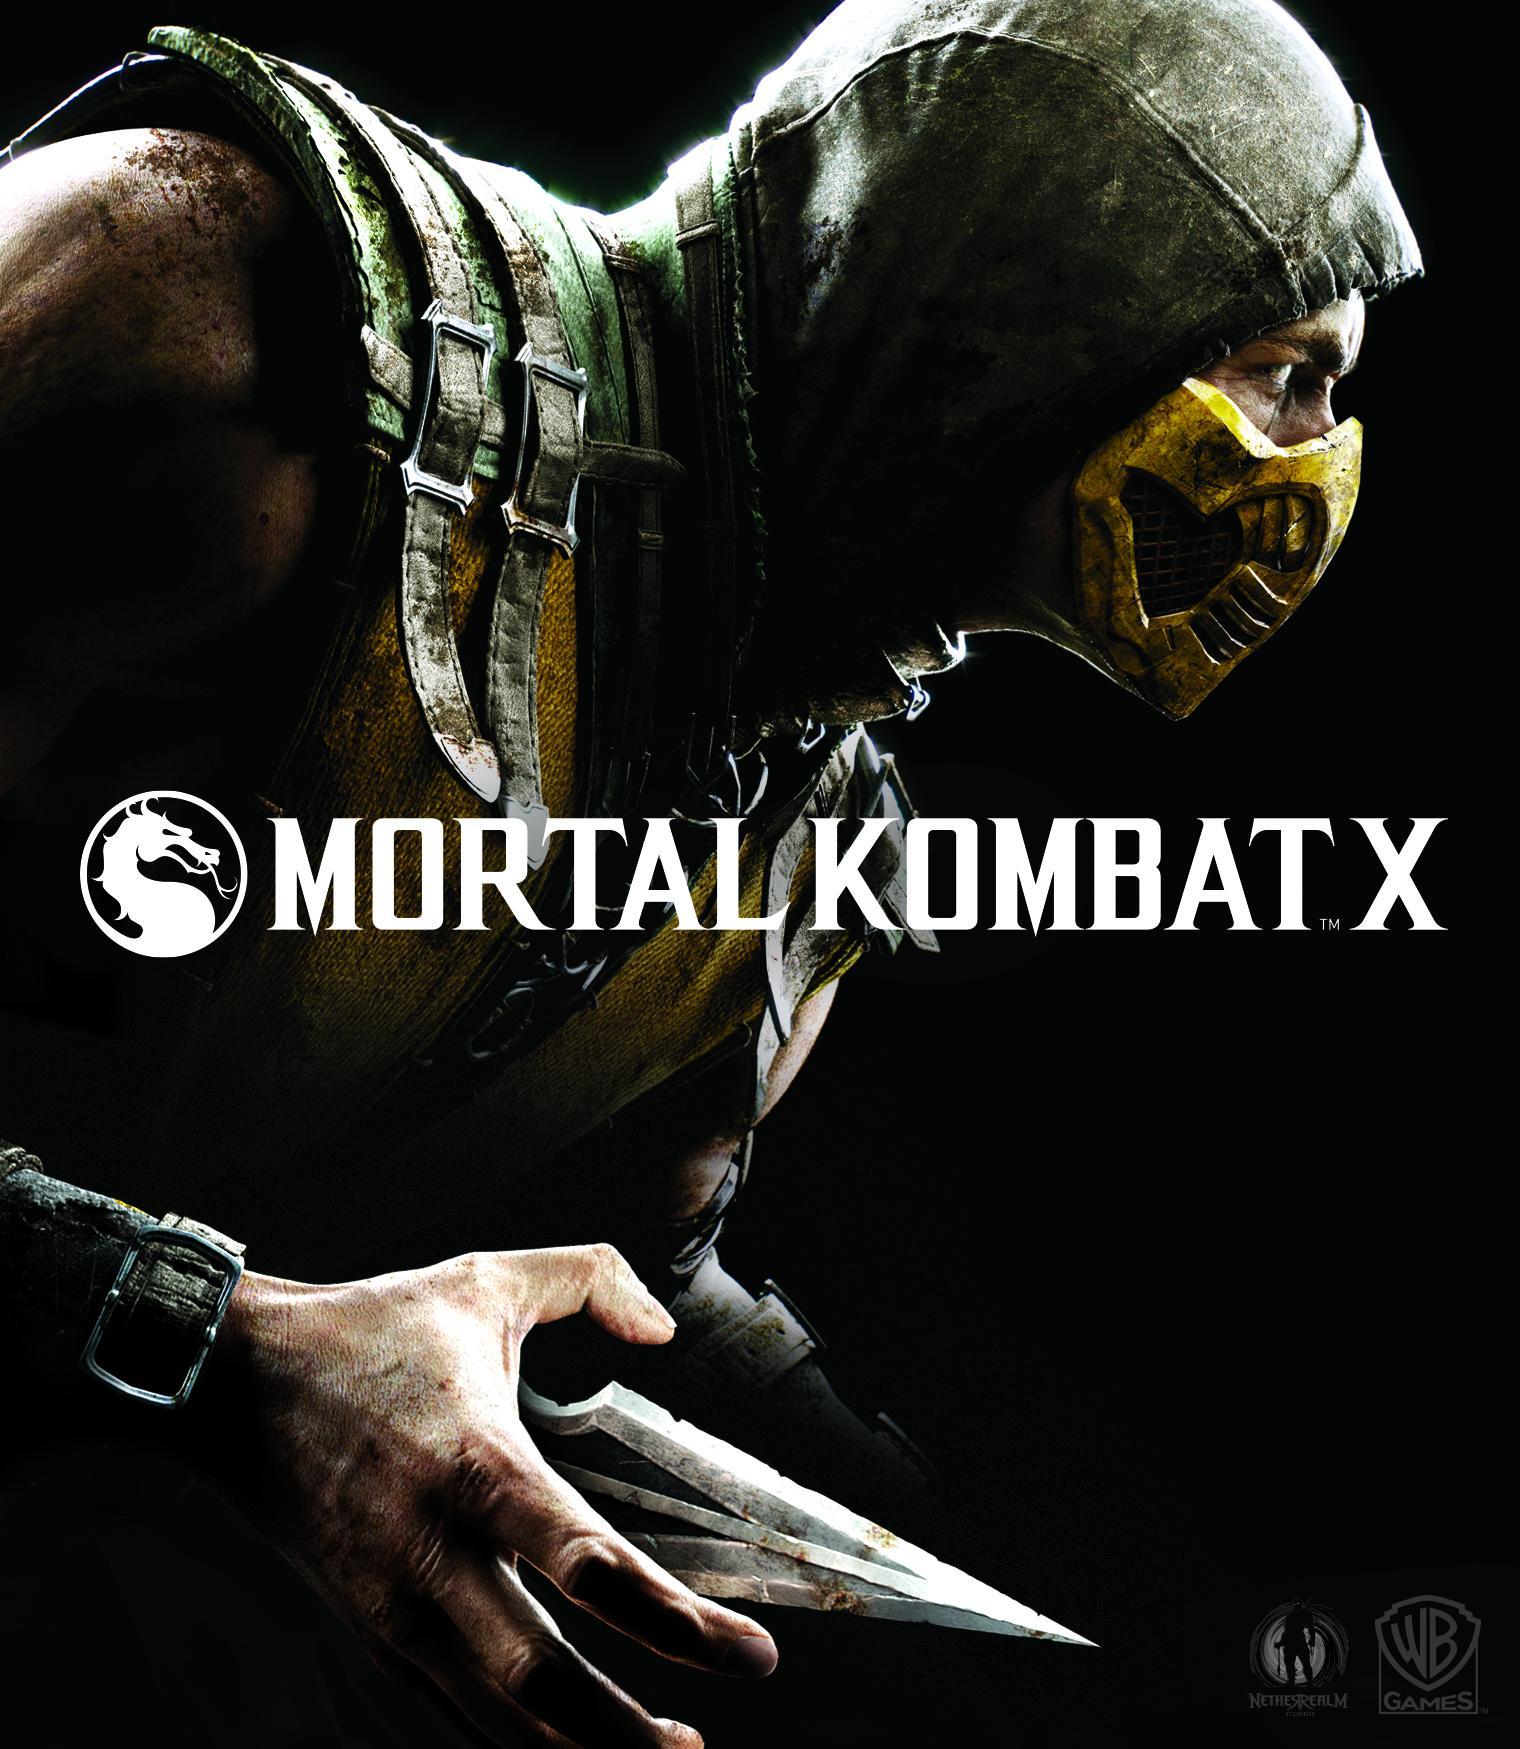 Каких персонажей вы бы хотели увидеть в Mortal kombat X  - Изображение 1